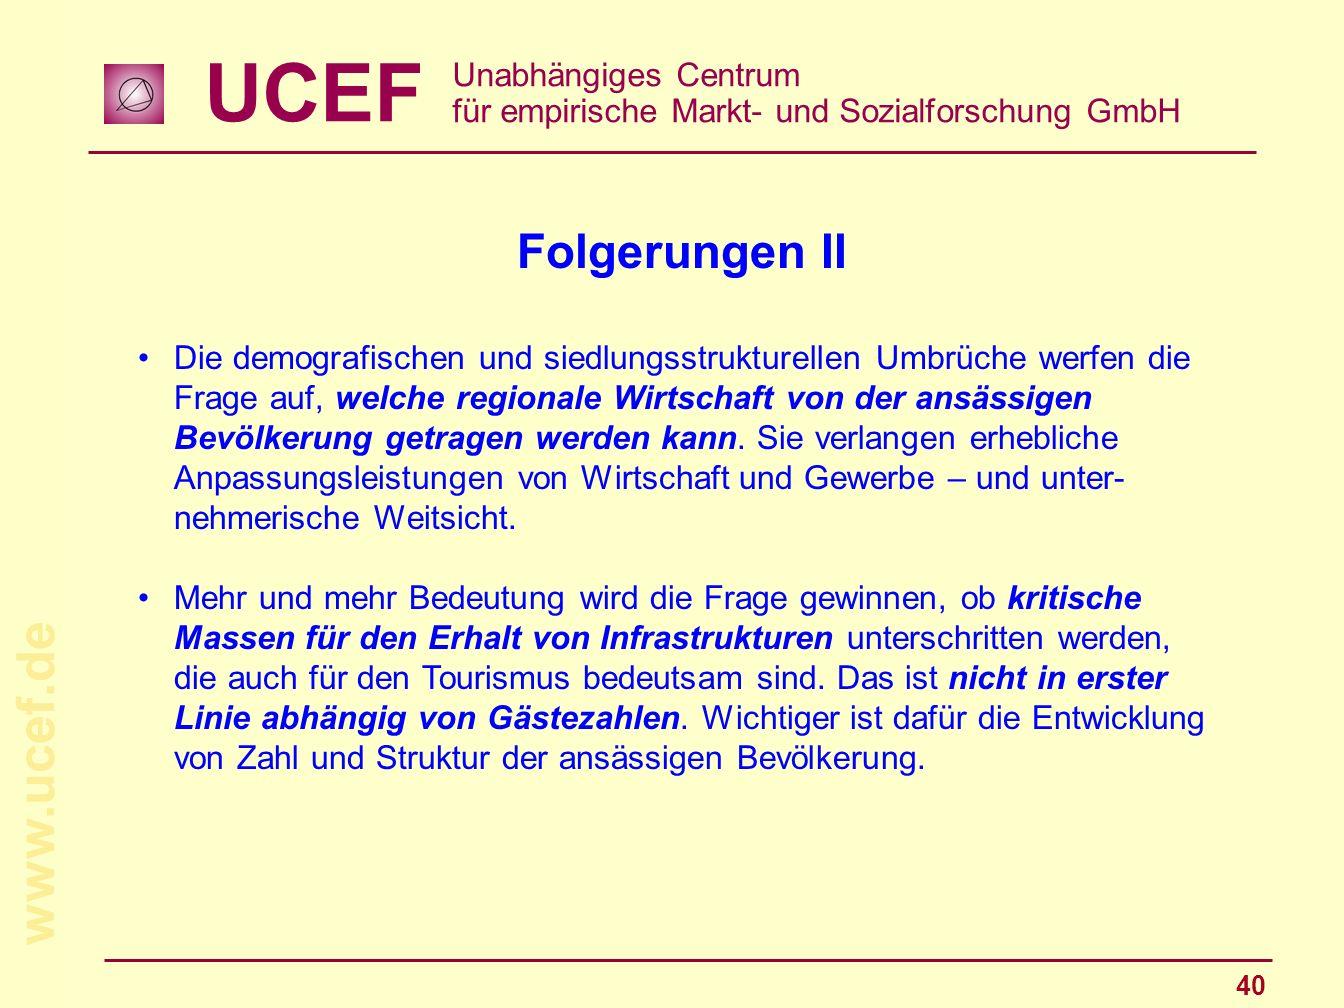 UCEF Unabhängiges Centrum für empirische Markt- und Sozialforschung GmbH www.ucef.de 40 Folgerungen II Die demografischen und siedlungsstrukturellen U